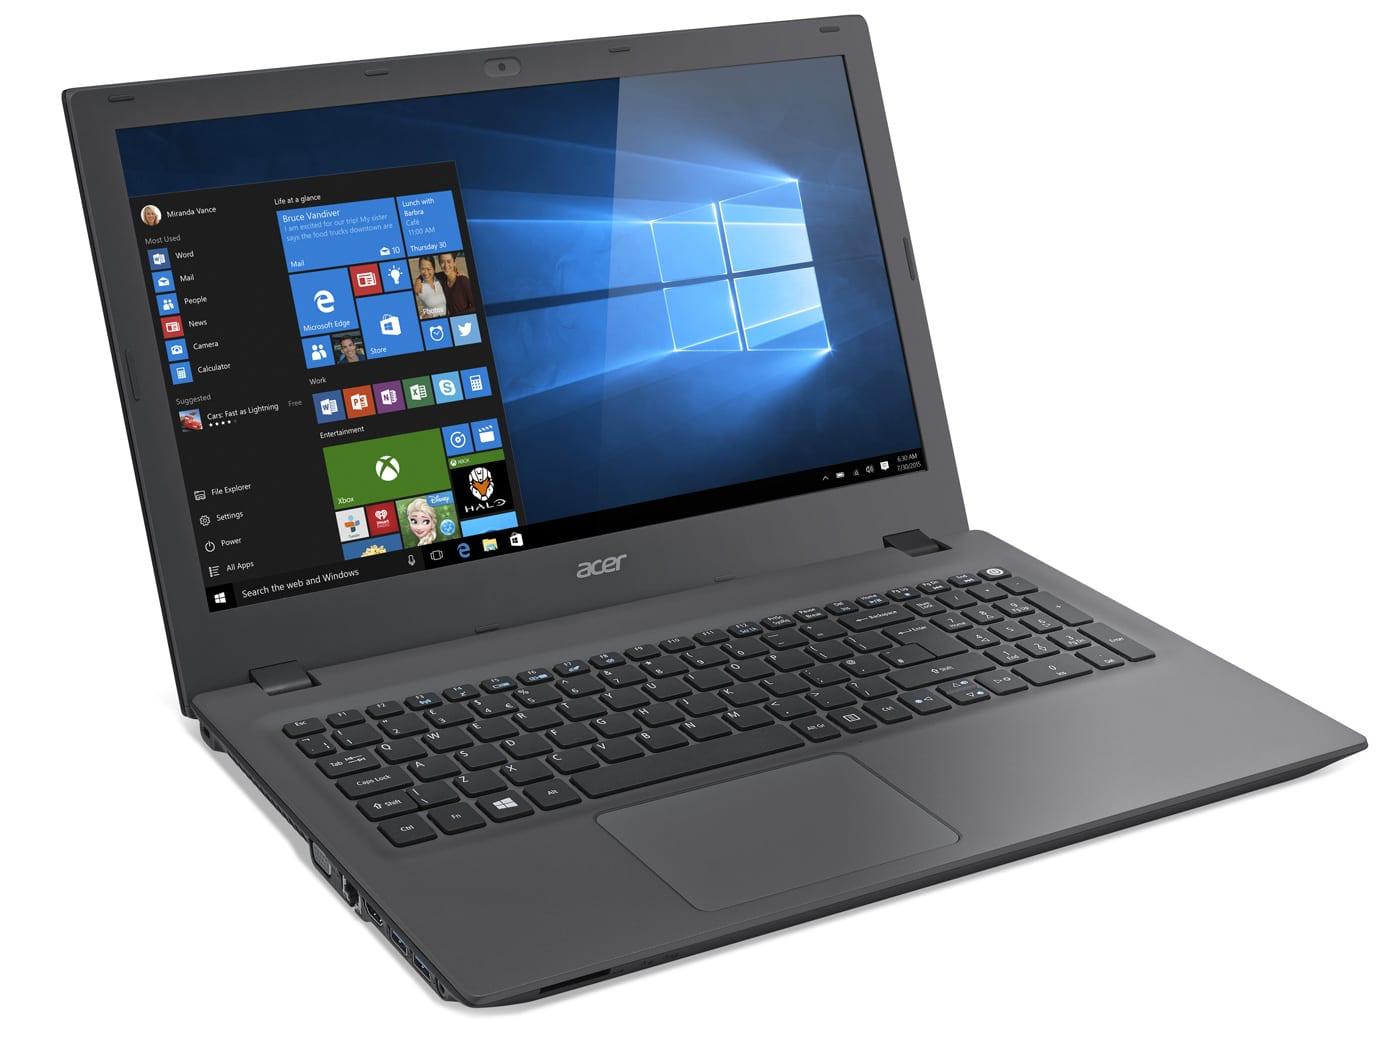 Acer Aspire E5-573G-58YD, PC portable 15 pouces bureautique 920M à 499€